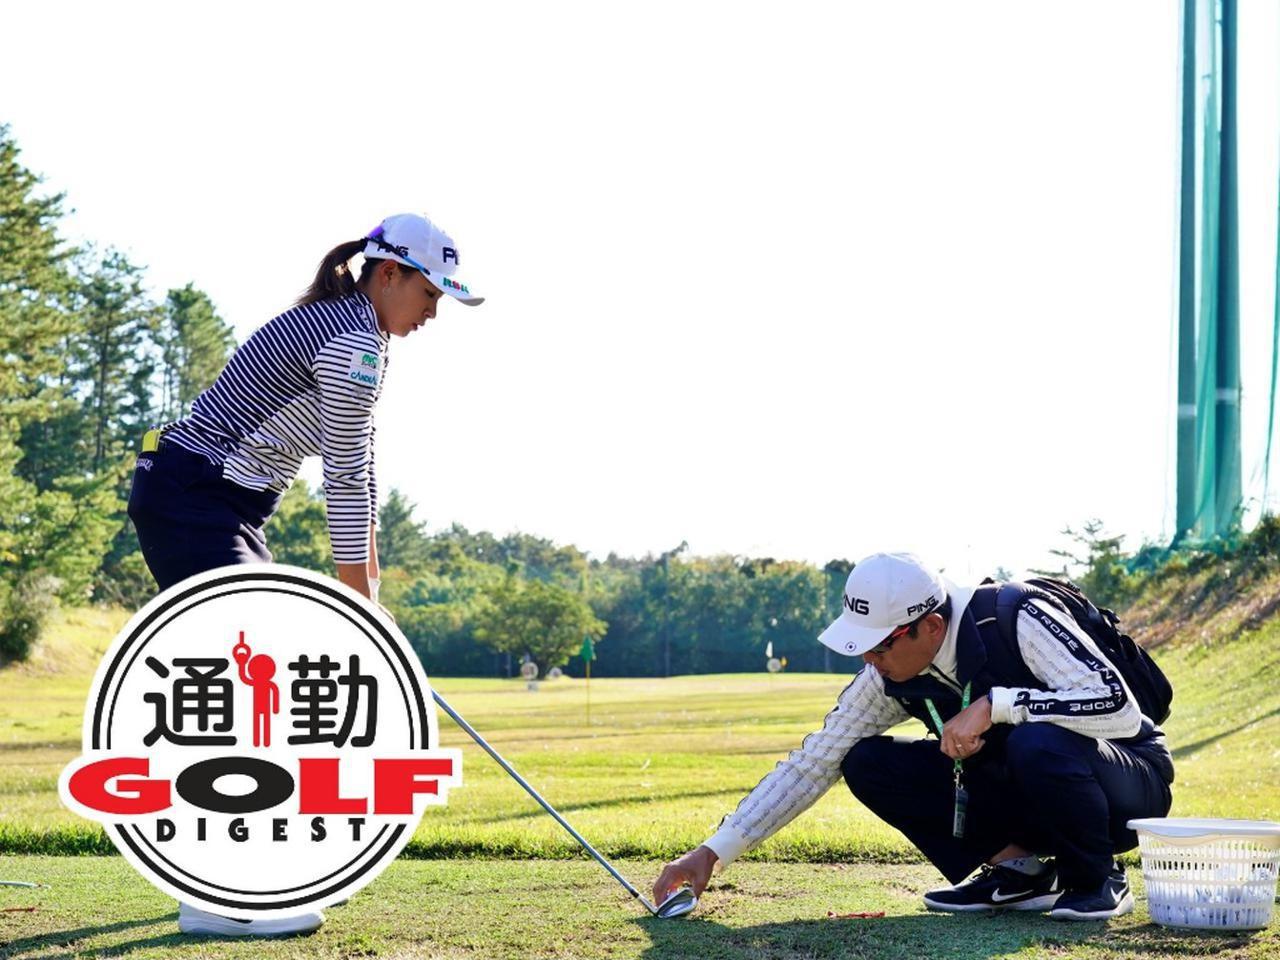 画像: 【通勤GD】メジャーチャンプコーチ青木翔の「笑顔のレシピ」Vol.10 コーチだって辛い。でもそんなときこそがんばって笑う ゴルフダイジェストWEB - ゴルフへ行こうWEB by ゴルフダイジェスト